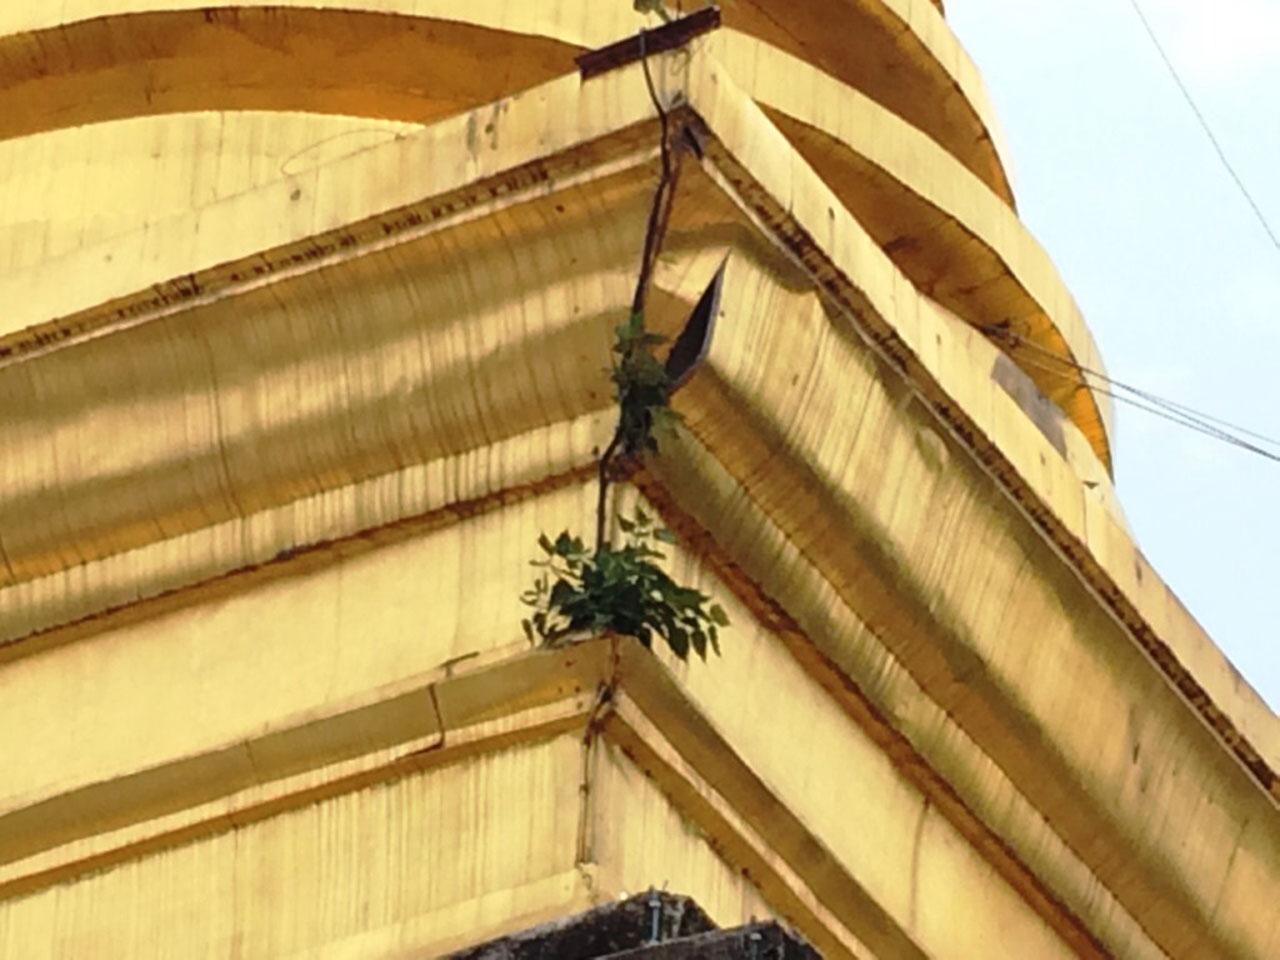 วัดพระธาตุช้างค้ำวรวิหาร จ.น่าน ทองจังโกปริแตกทางด้านทิศตะวันตกของพระธาตุ